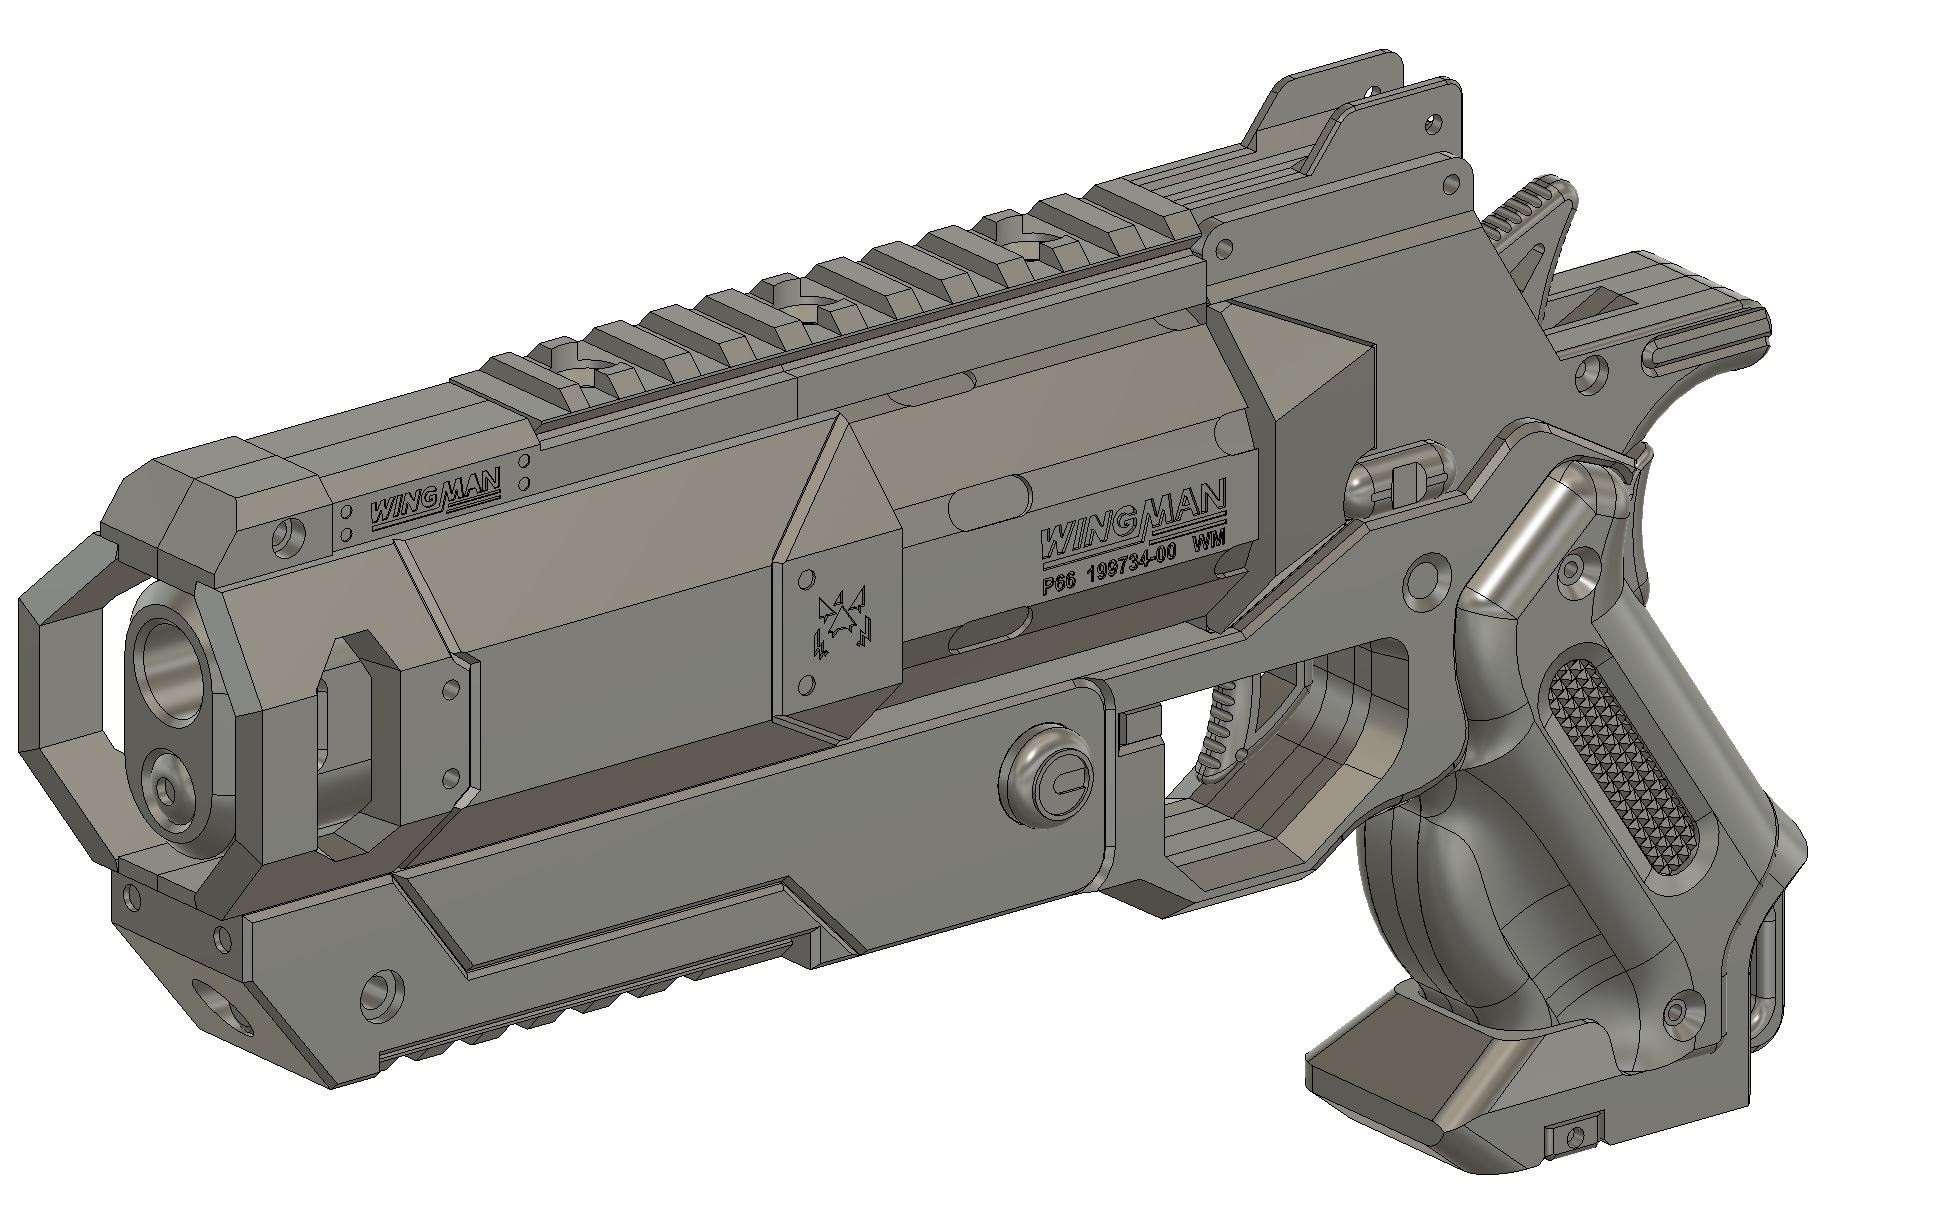 3D Models — Rocket Props